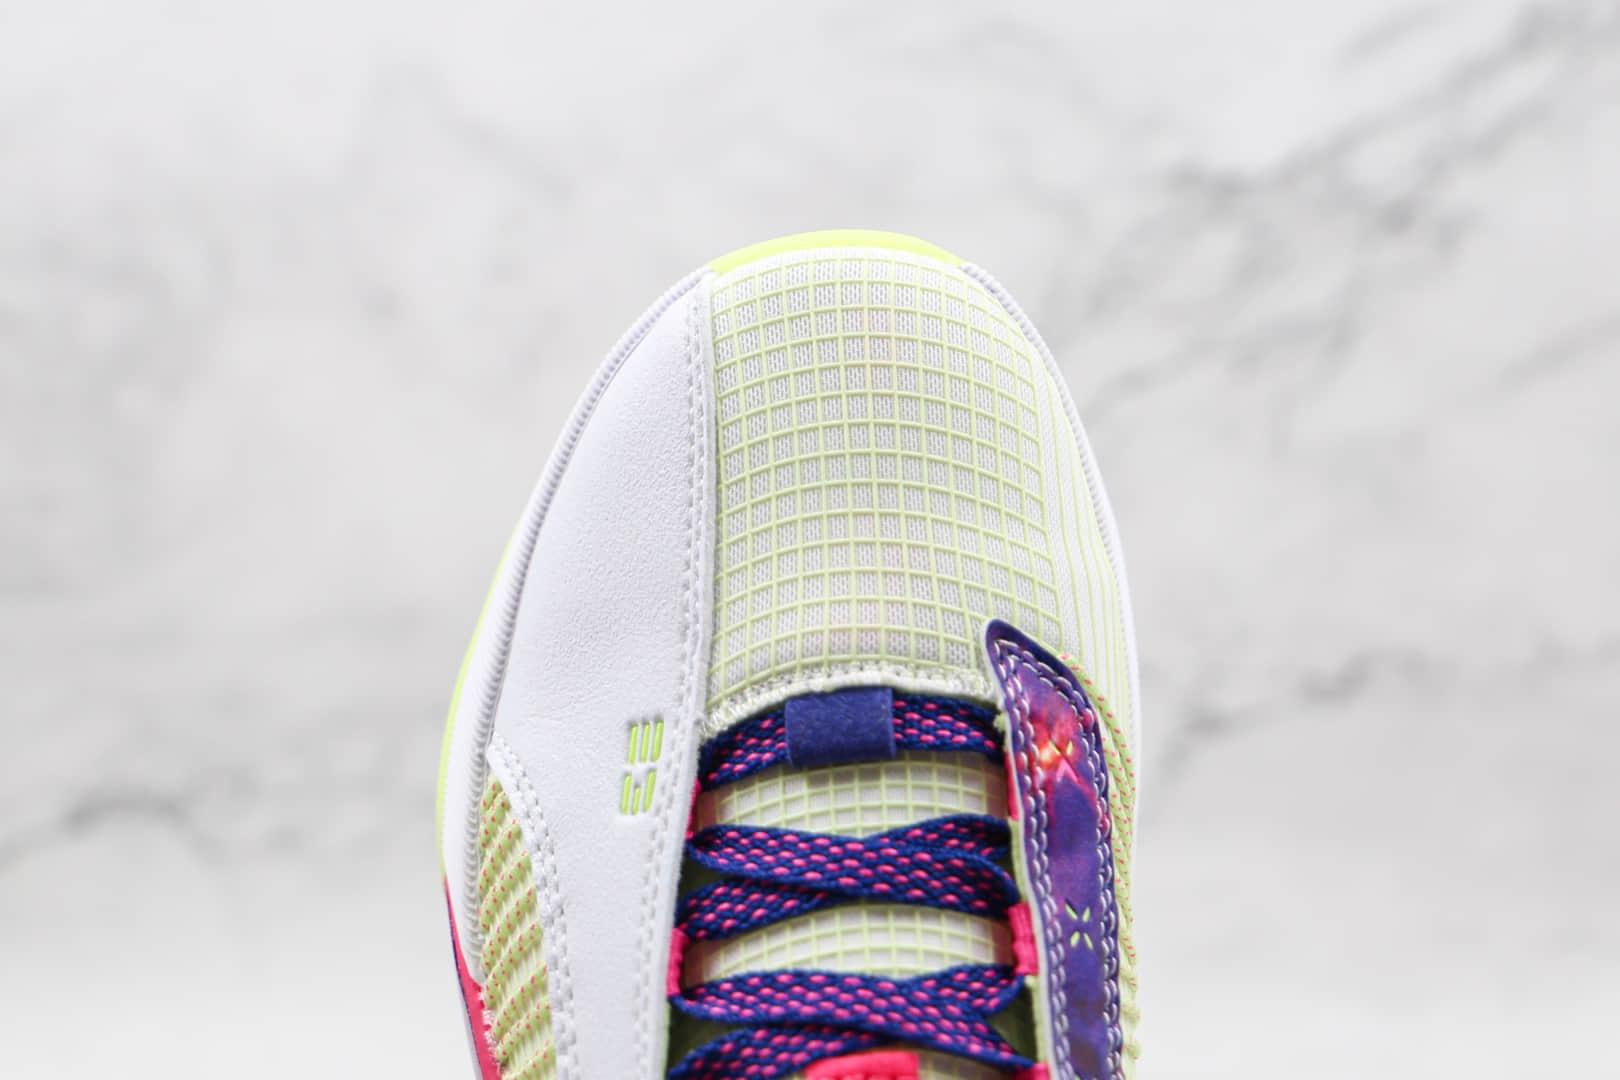 乔丹Air Jordan 35 Low Luka Doncic纯原版本白紫色AJ35东契奇镂空实战篮球鞋原档案数据开发 货号:DJ9805-190